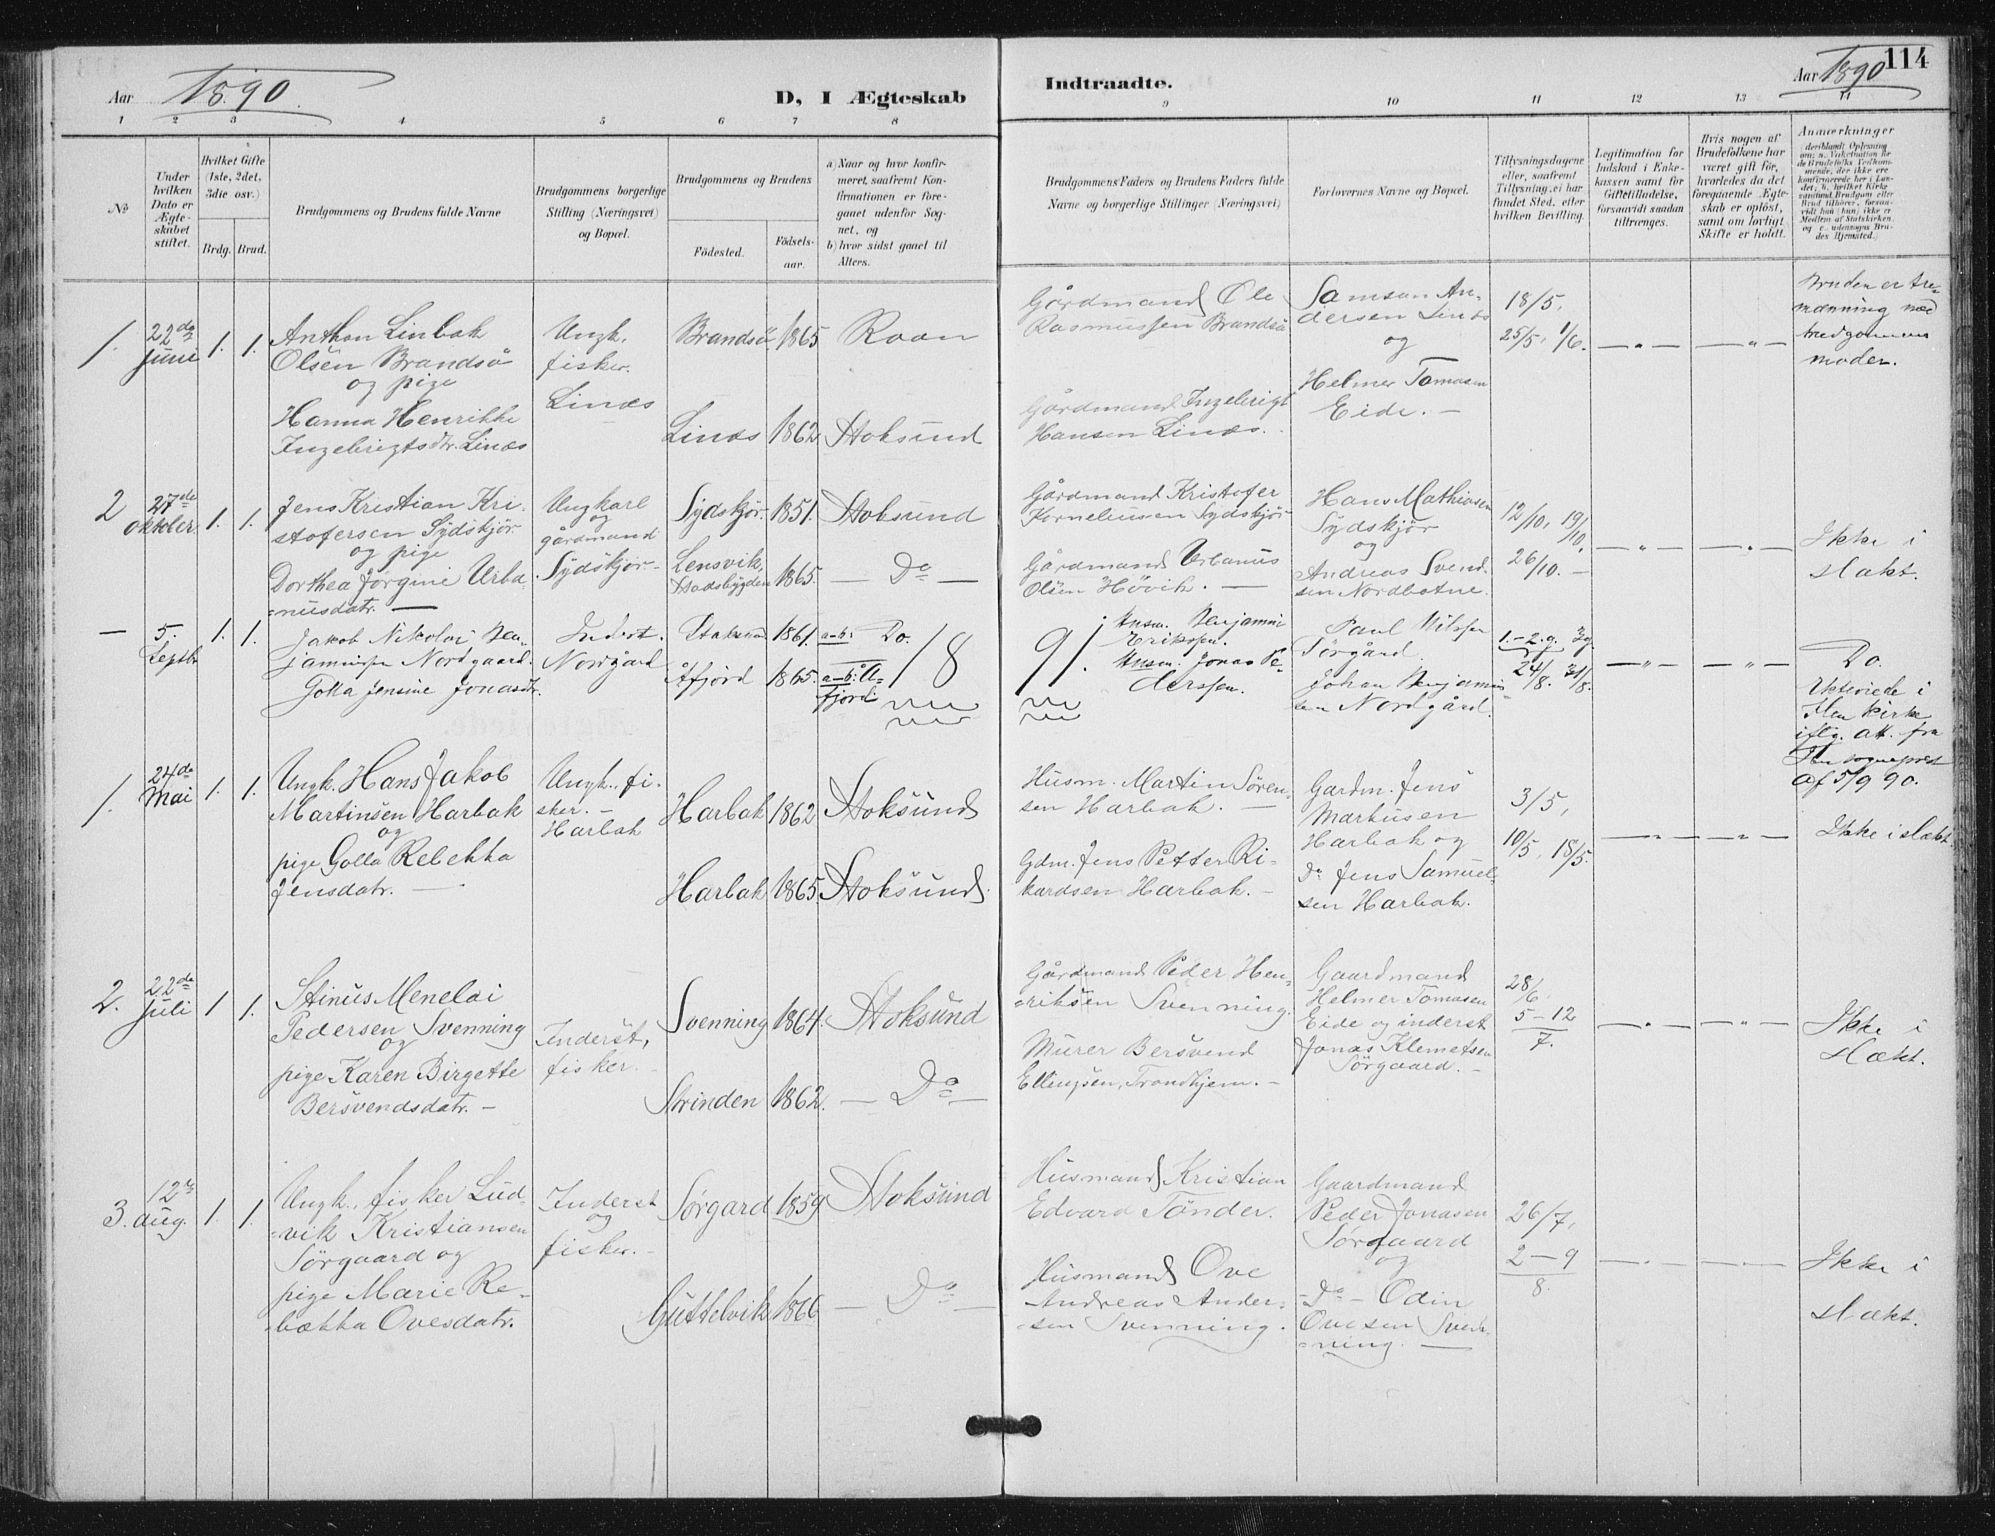 SAT, Ministerialprotokoller, klokkerbøker og fødselsregistre - Sør-Trøndelag, 656/L0698: Klokkerbok nr. 656C04, 1890-1904, s. 114